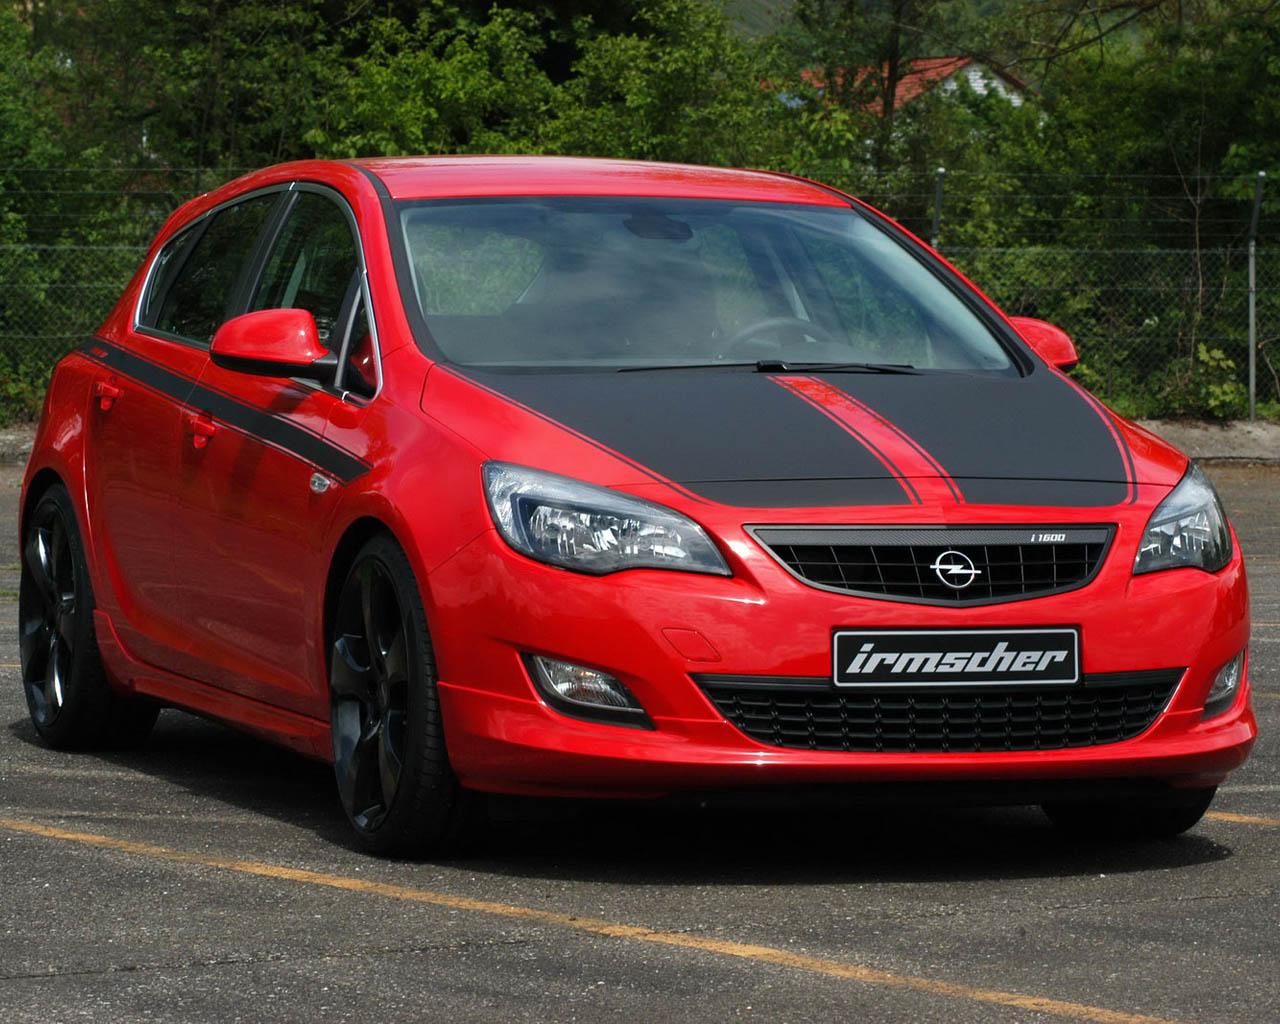 Opel_Astra_Irmscher_01.jpg